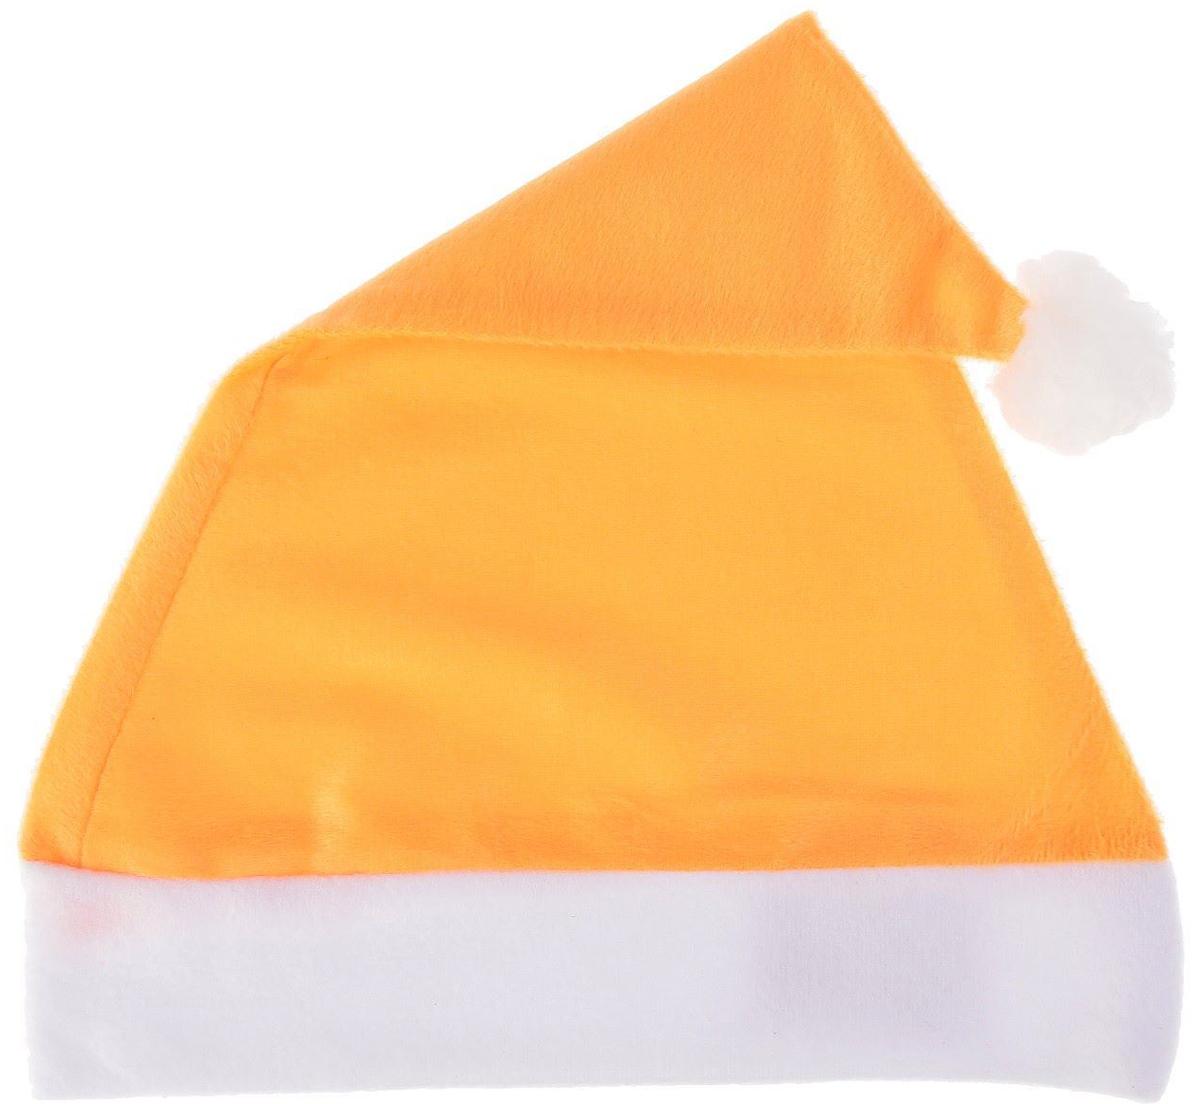 Колпак новогодний Блеск, цвет: оранжевый, 28 х 38 см2351991Невозможно представить нашу жизнь без праздников! Мы всегда ждем их и предвкушаем, обдумываем, как проведем памятный день, тщательно выбираем подарки и аксессуары, ведь именно они создают и поддерживают торжественный настрой. Это отличный выбор, который привнесет атмосферу праздника в ваш дом!